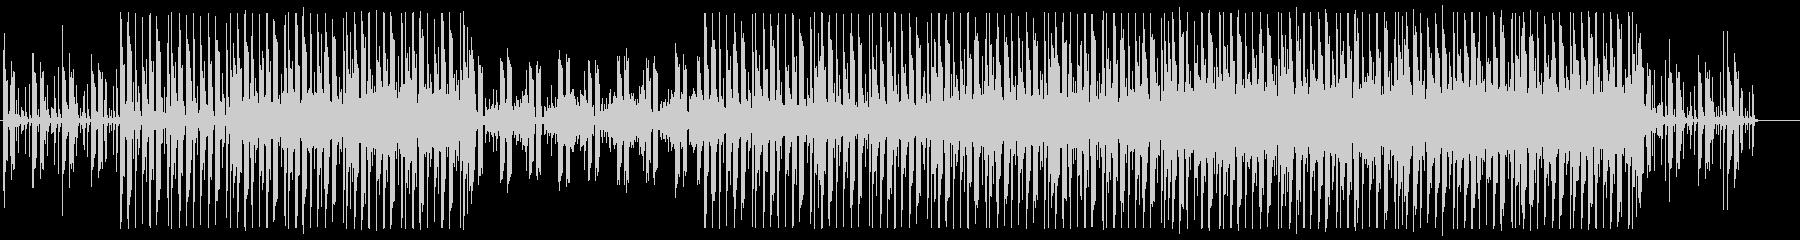 シンセウェイヴ 80's 3の未再生の波形